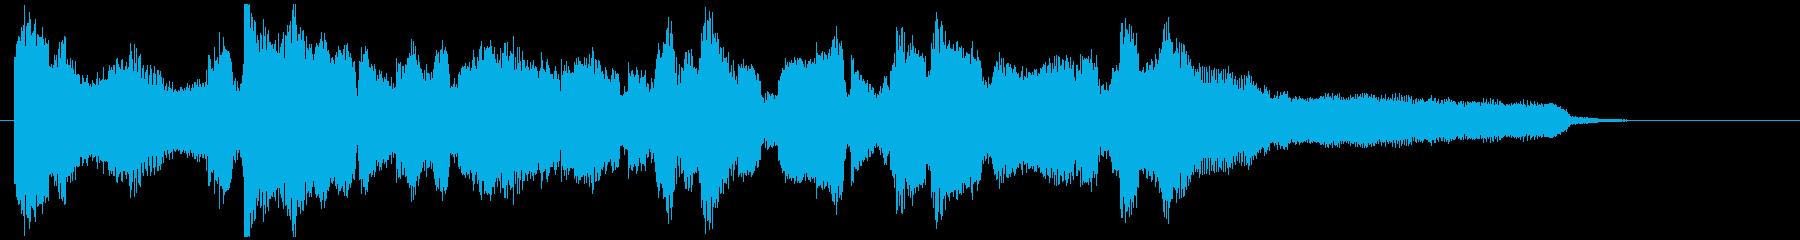 ジャズフルートの美しいバラード15秒CMの再生済みの波形